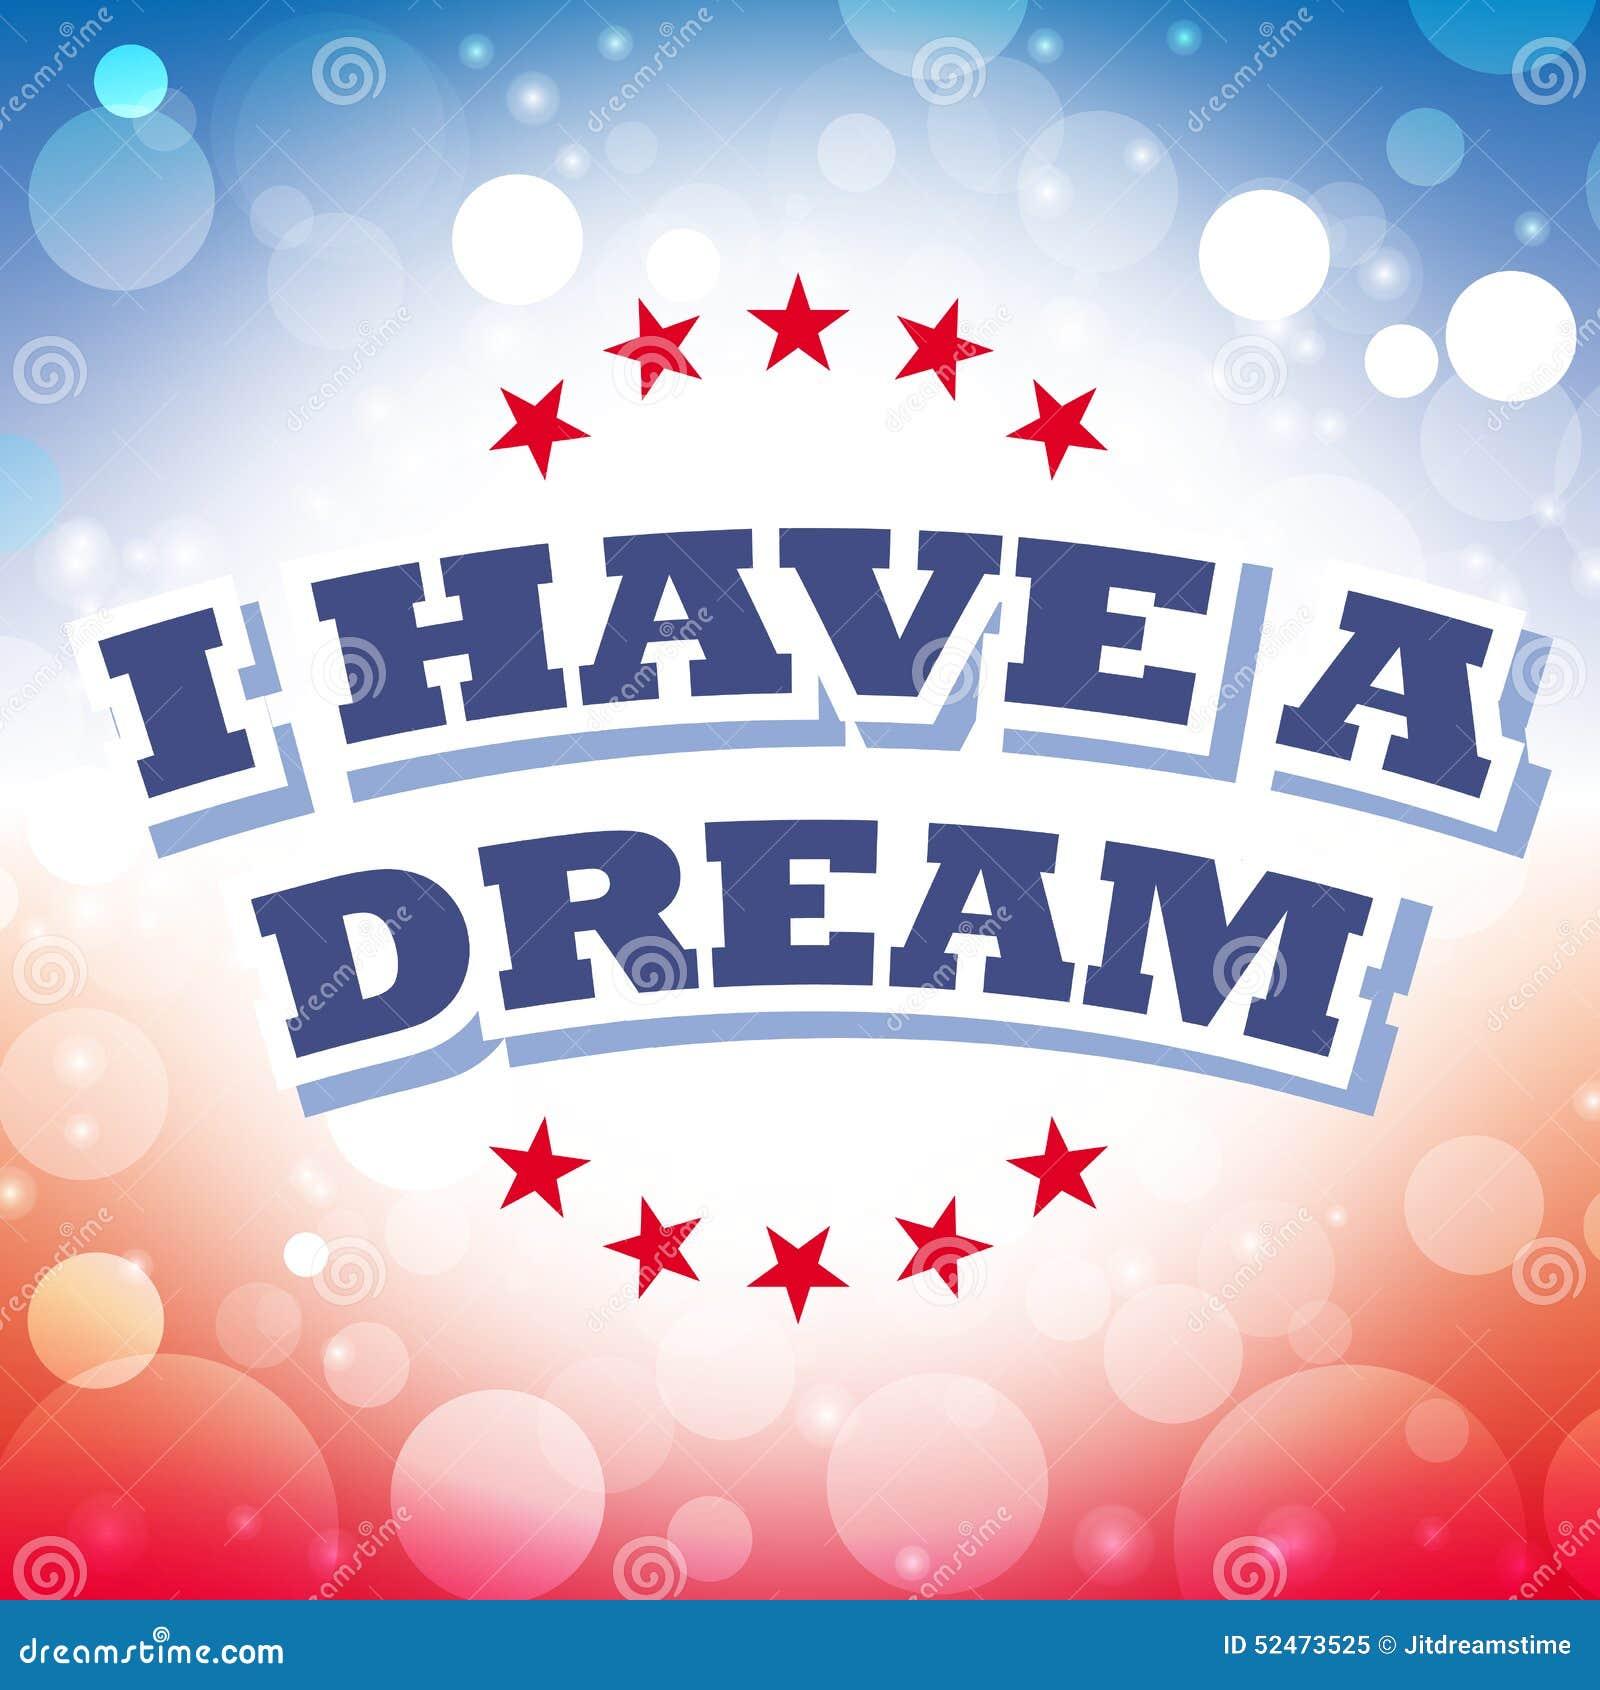 I Have a Dream Clip Art – Cliparts